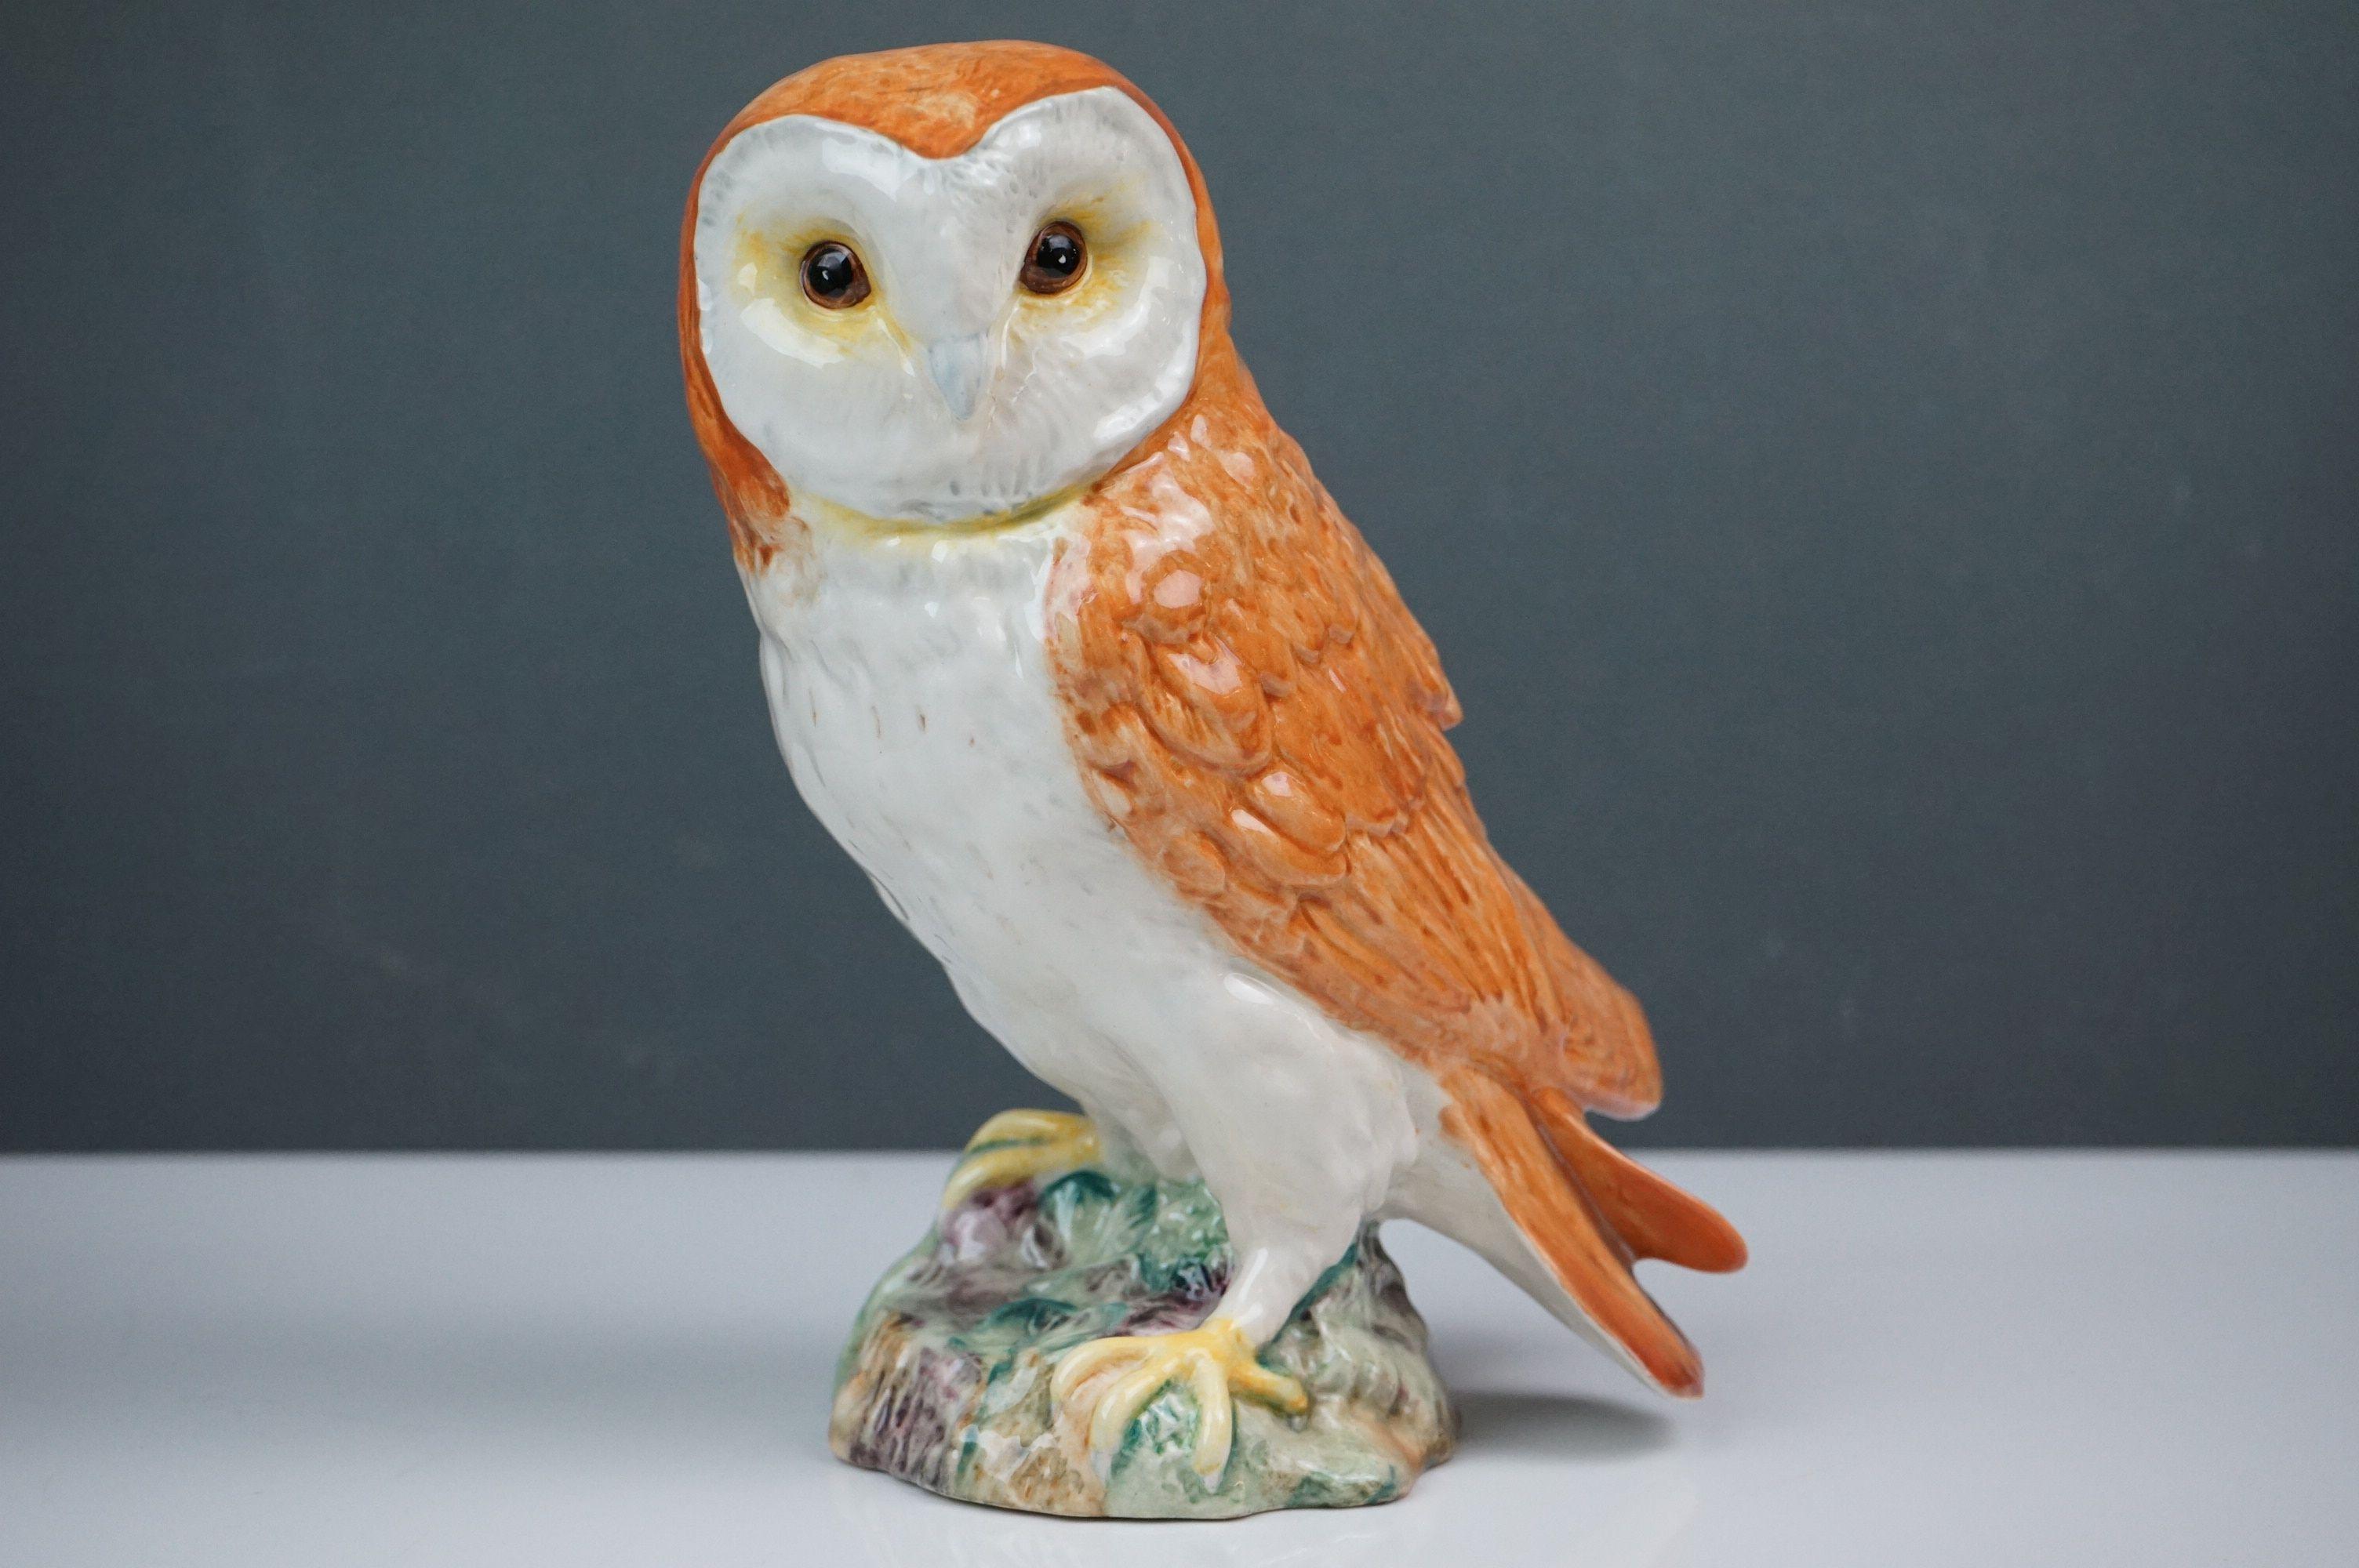 Beswick Eagle on Rock (no. 2307), Beswick Owl (no. 1046a) and Beswick Kingfisher (no. 2371) - Image 8 of 11